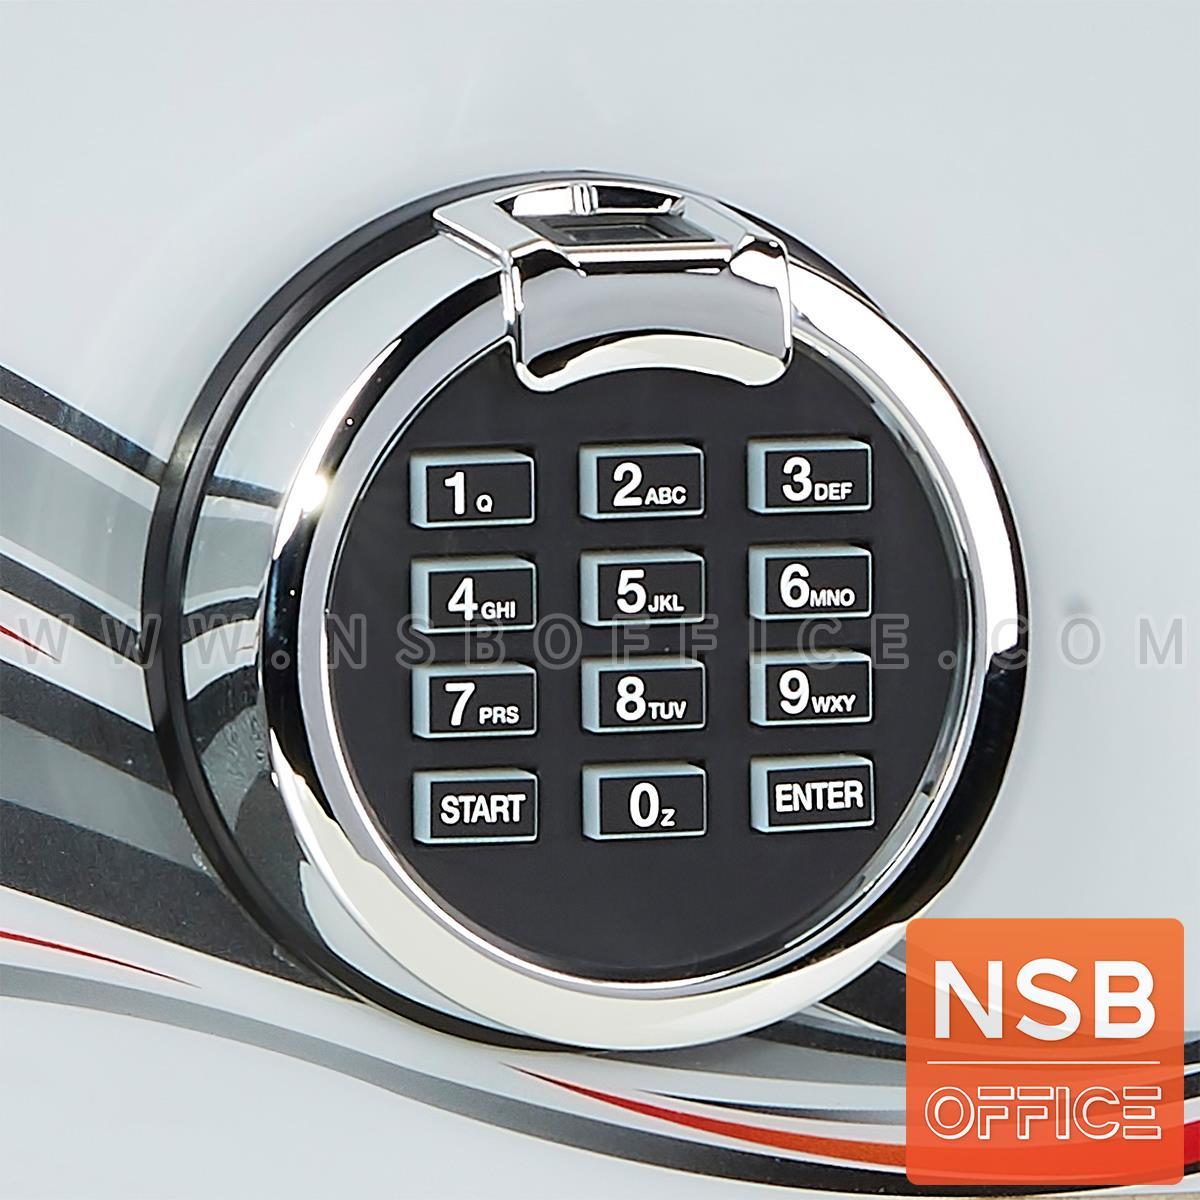 ตู้เซฟนิรภัยดิจิตอลระบบสแกนนิ้วมือ 250 กก.  รุ่น PRESIDENT-SB50DF 1 กุญแจ 1 รหัส